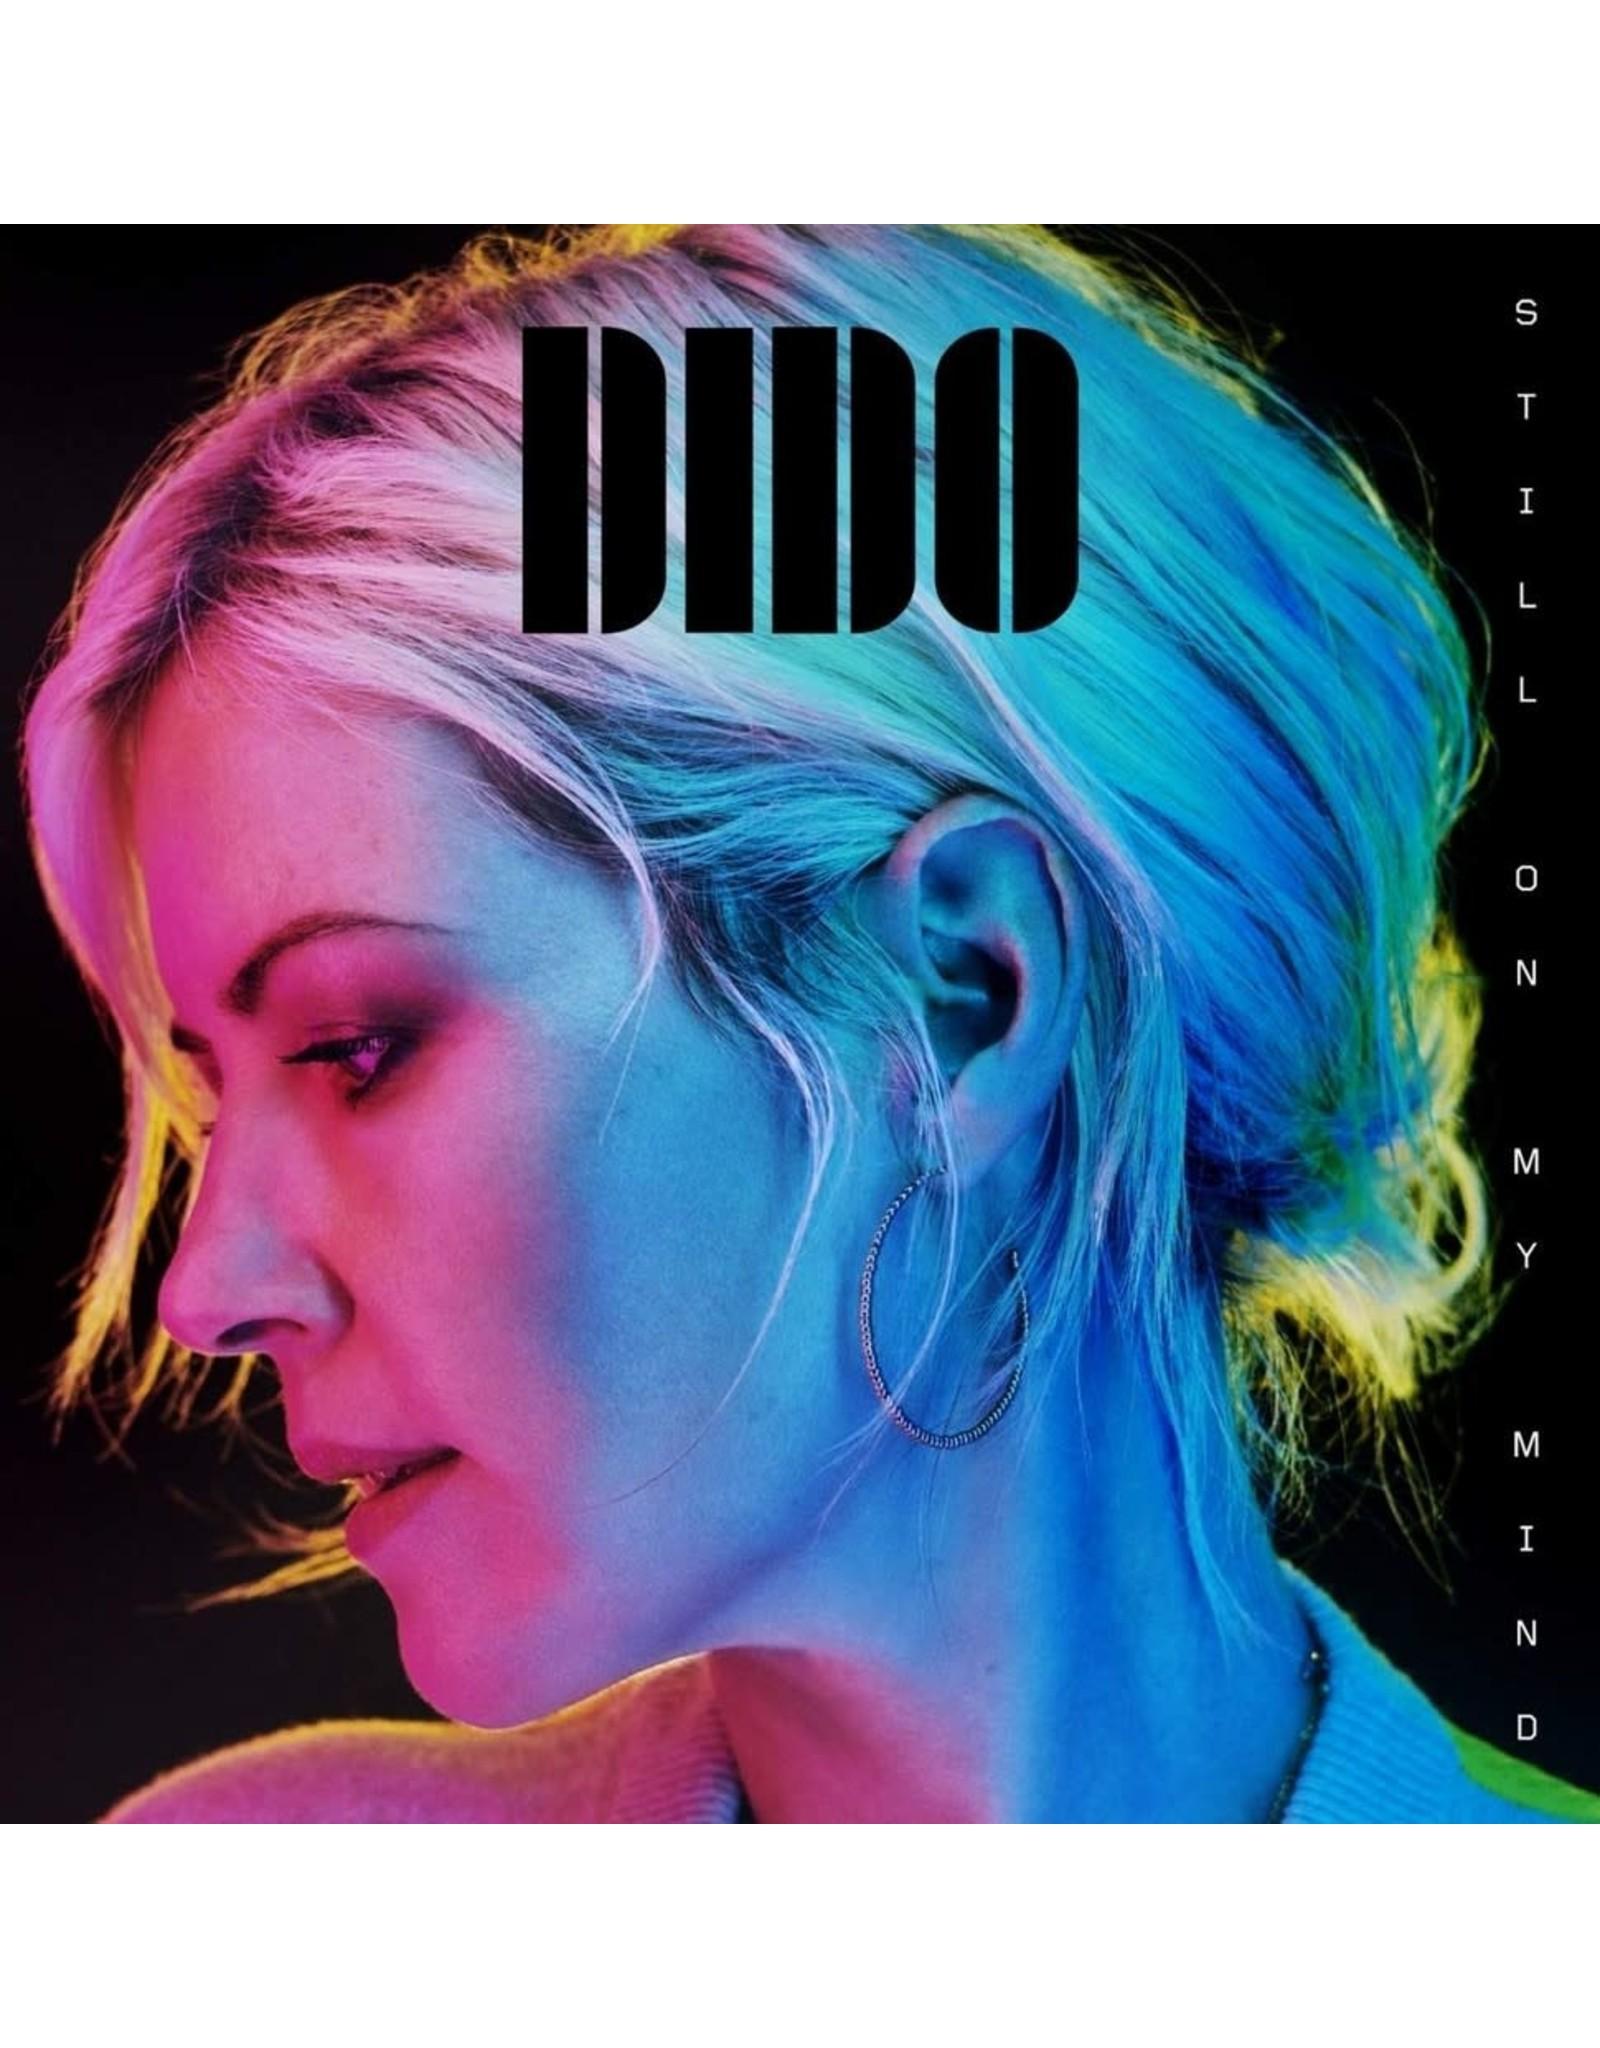 Dido - Still On My Mind (Exclusive Pink Vinyl)